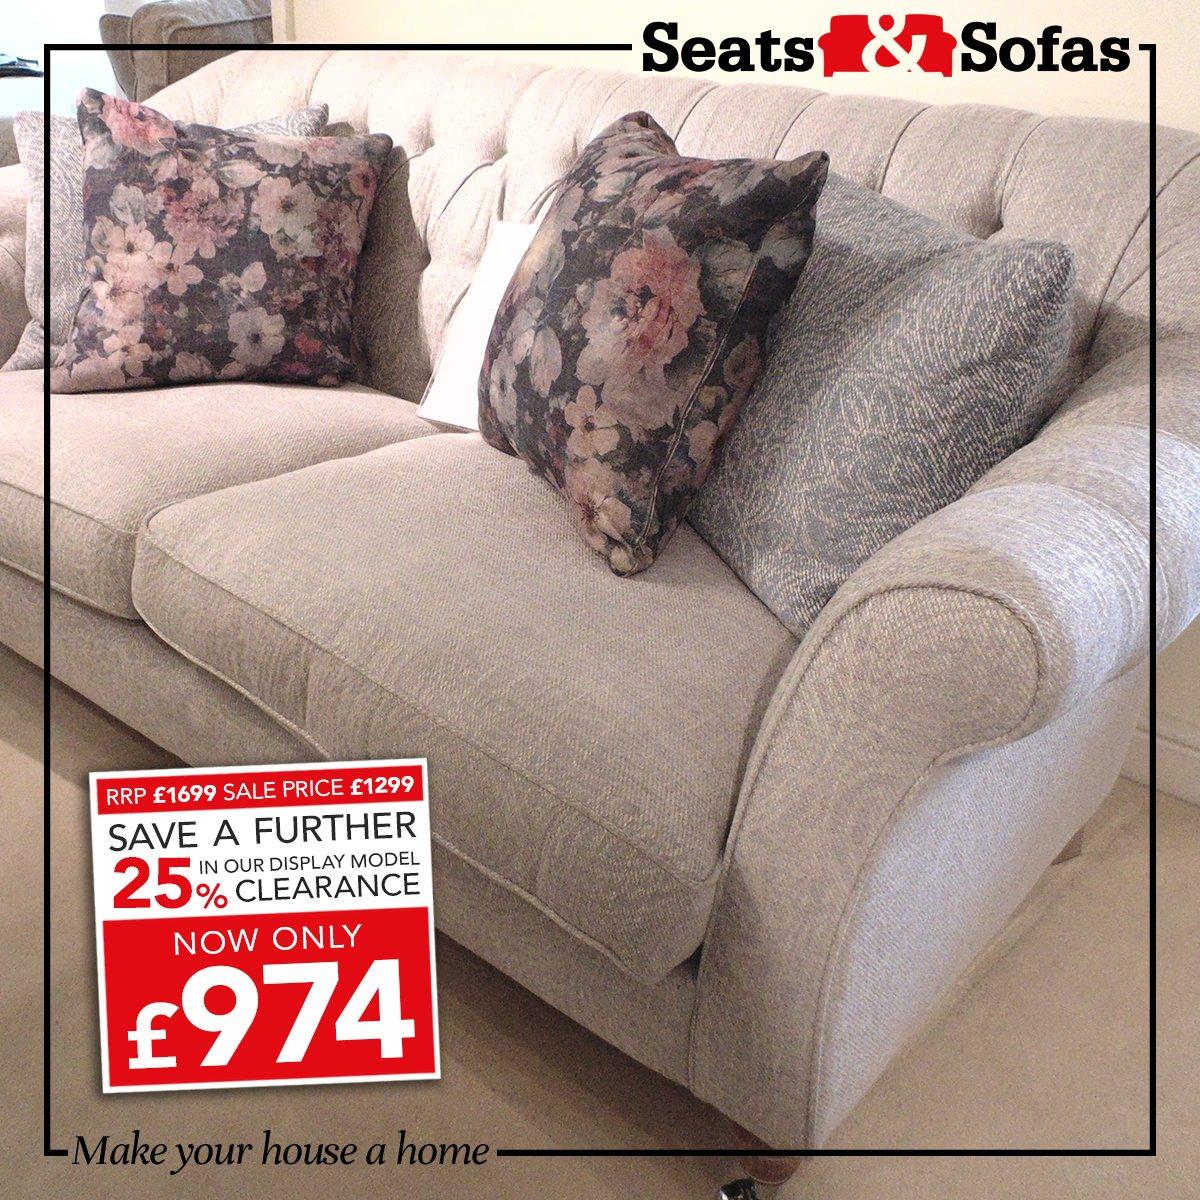 Nett Seats Sofas Bilder - Die Besten Wohnideen - kinjolas.com